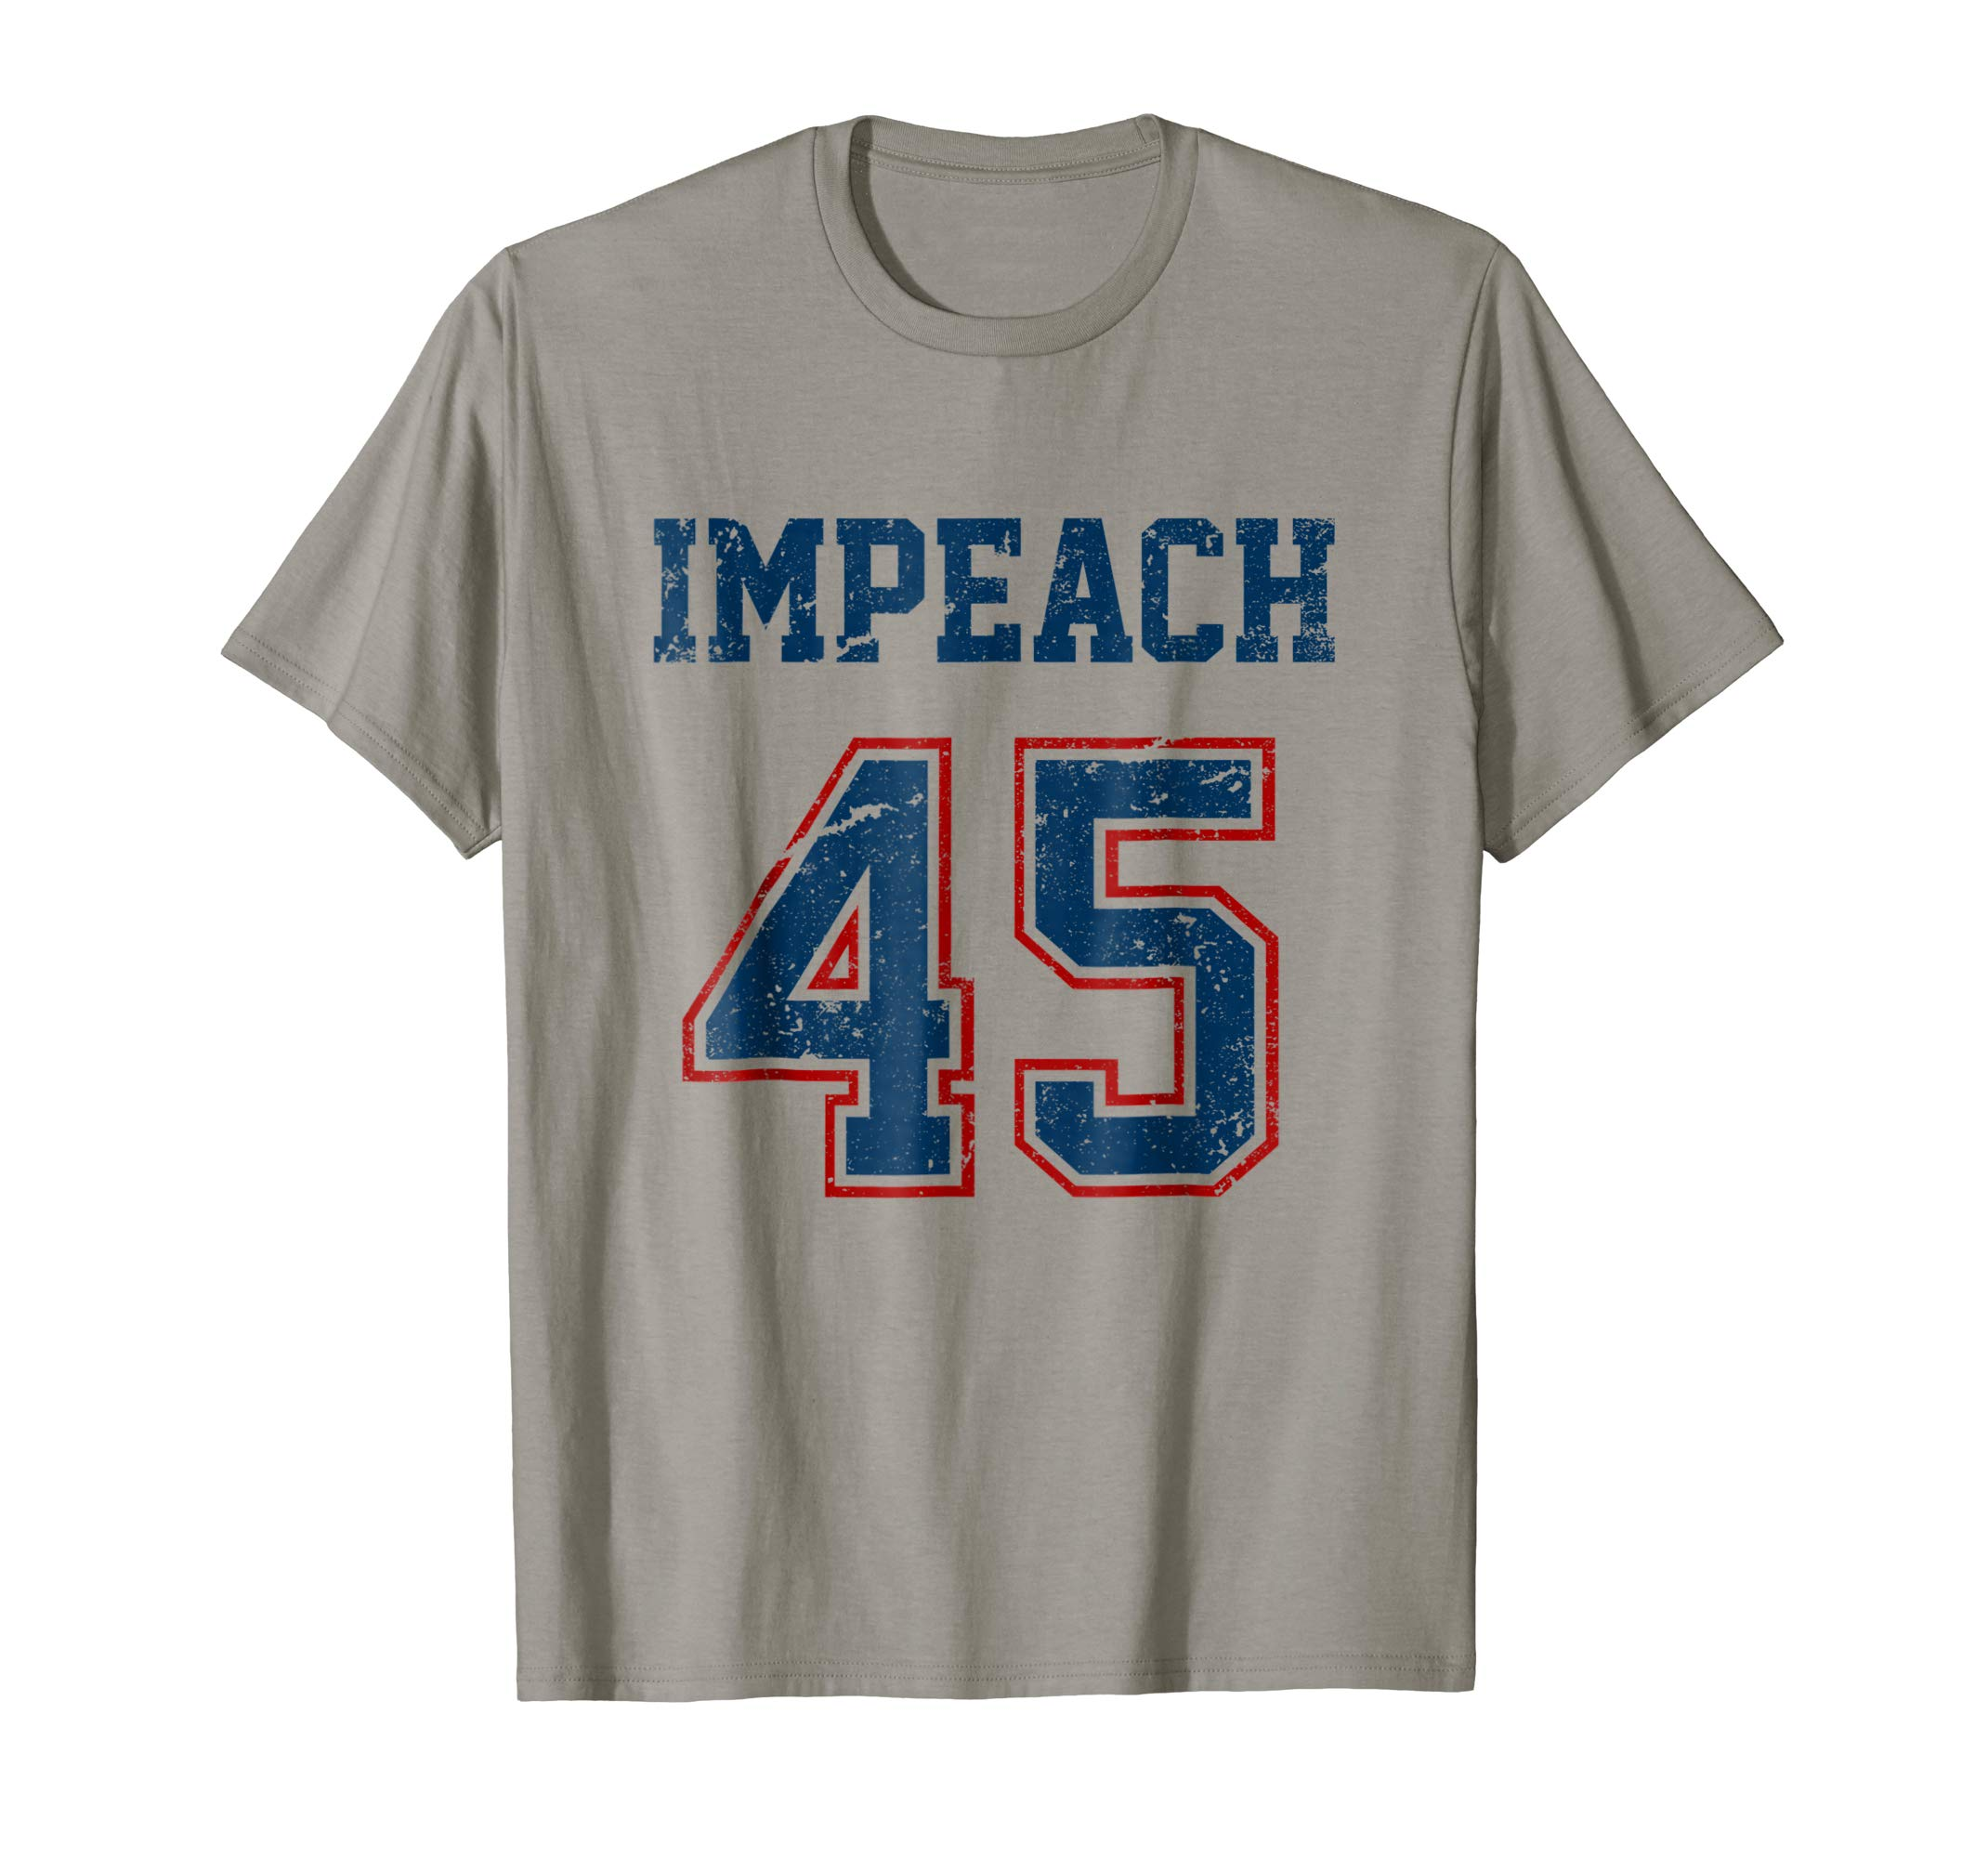 Impeach 45 Impeach Trump T-Shirt Vintage-ln